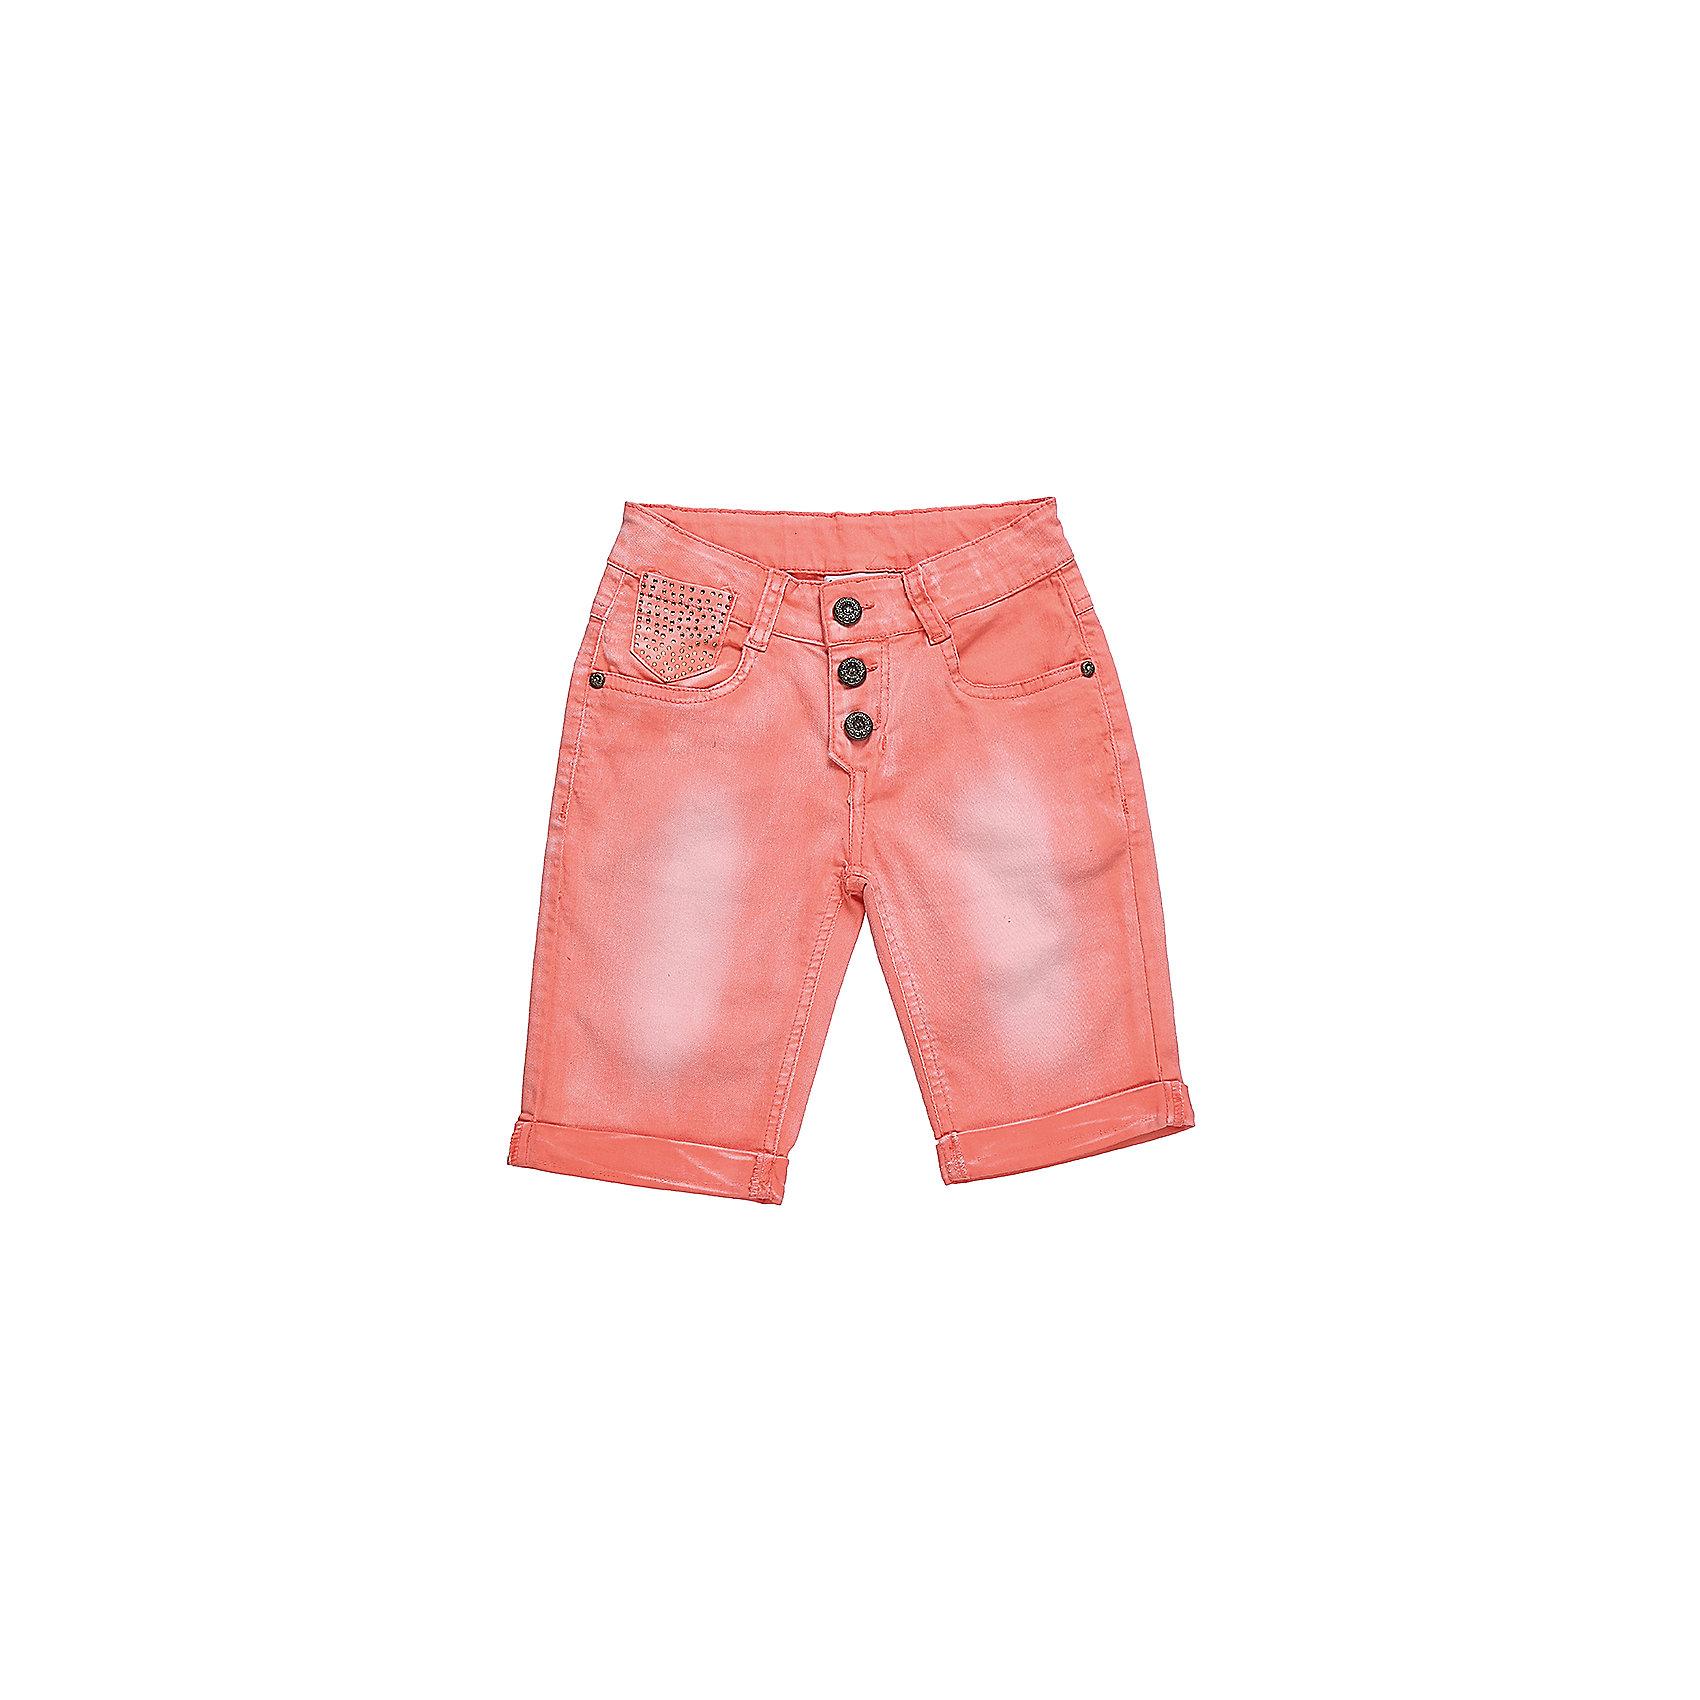 Шорты джинсовые для девочки LuminosoДжинсовая одежда<br>Коралловые шорты для девочки с модной застежкой. Два боковых кармана. В боковой части пояса находятся вшитые эластичные ленты, регулирующие посадку по талии.<br>Состав:<br>98%хлопок 2%эластан<br><br>Ширина мм: 191<br>Глубина мм: 10<br>Высота мм: 175<br>Вес г: 273<br>Цвет: розовый<br>Возраст от месяцев: 120<br>Возраст до месяцев: 132<br>Пол: Женский<br>Возраст: Детский<br>Размер: 152,158,164,134,140,146<br>SKU: 5413161